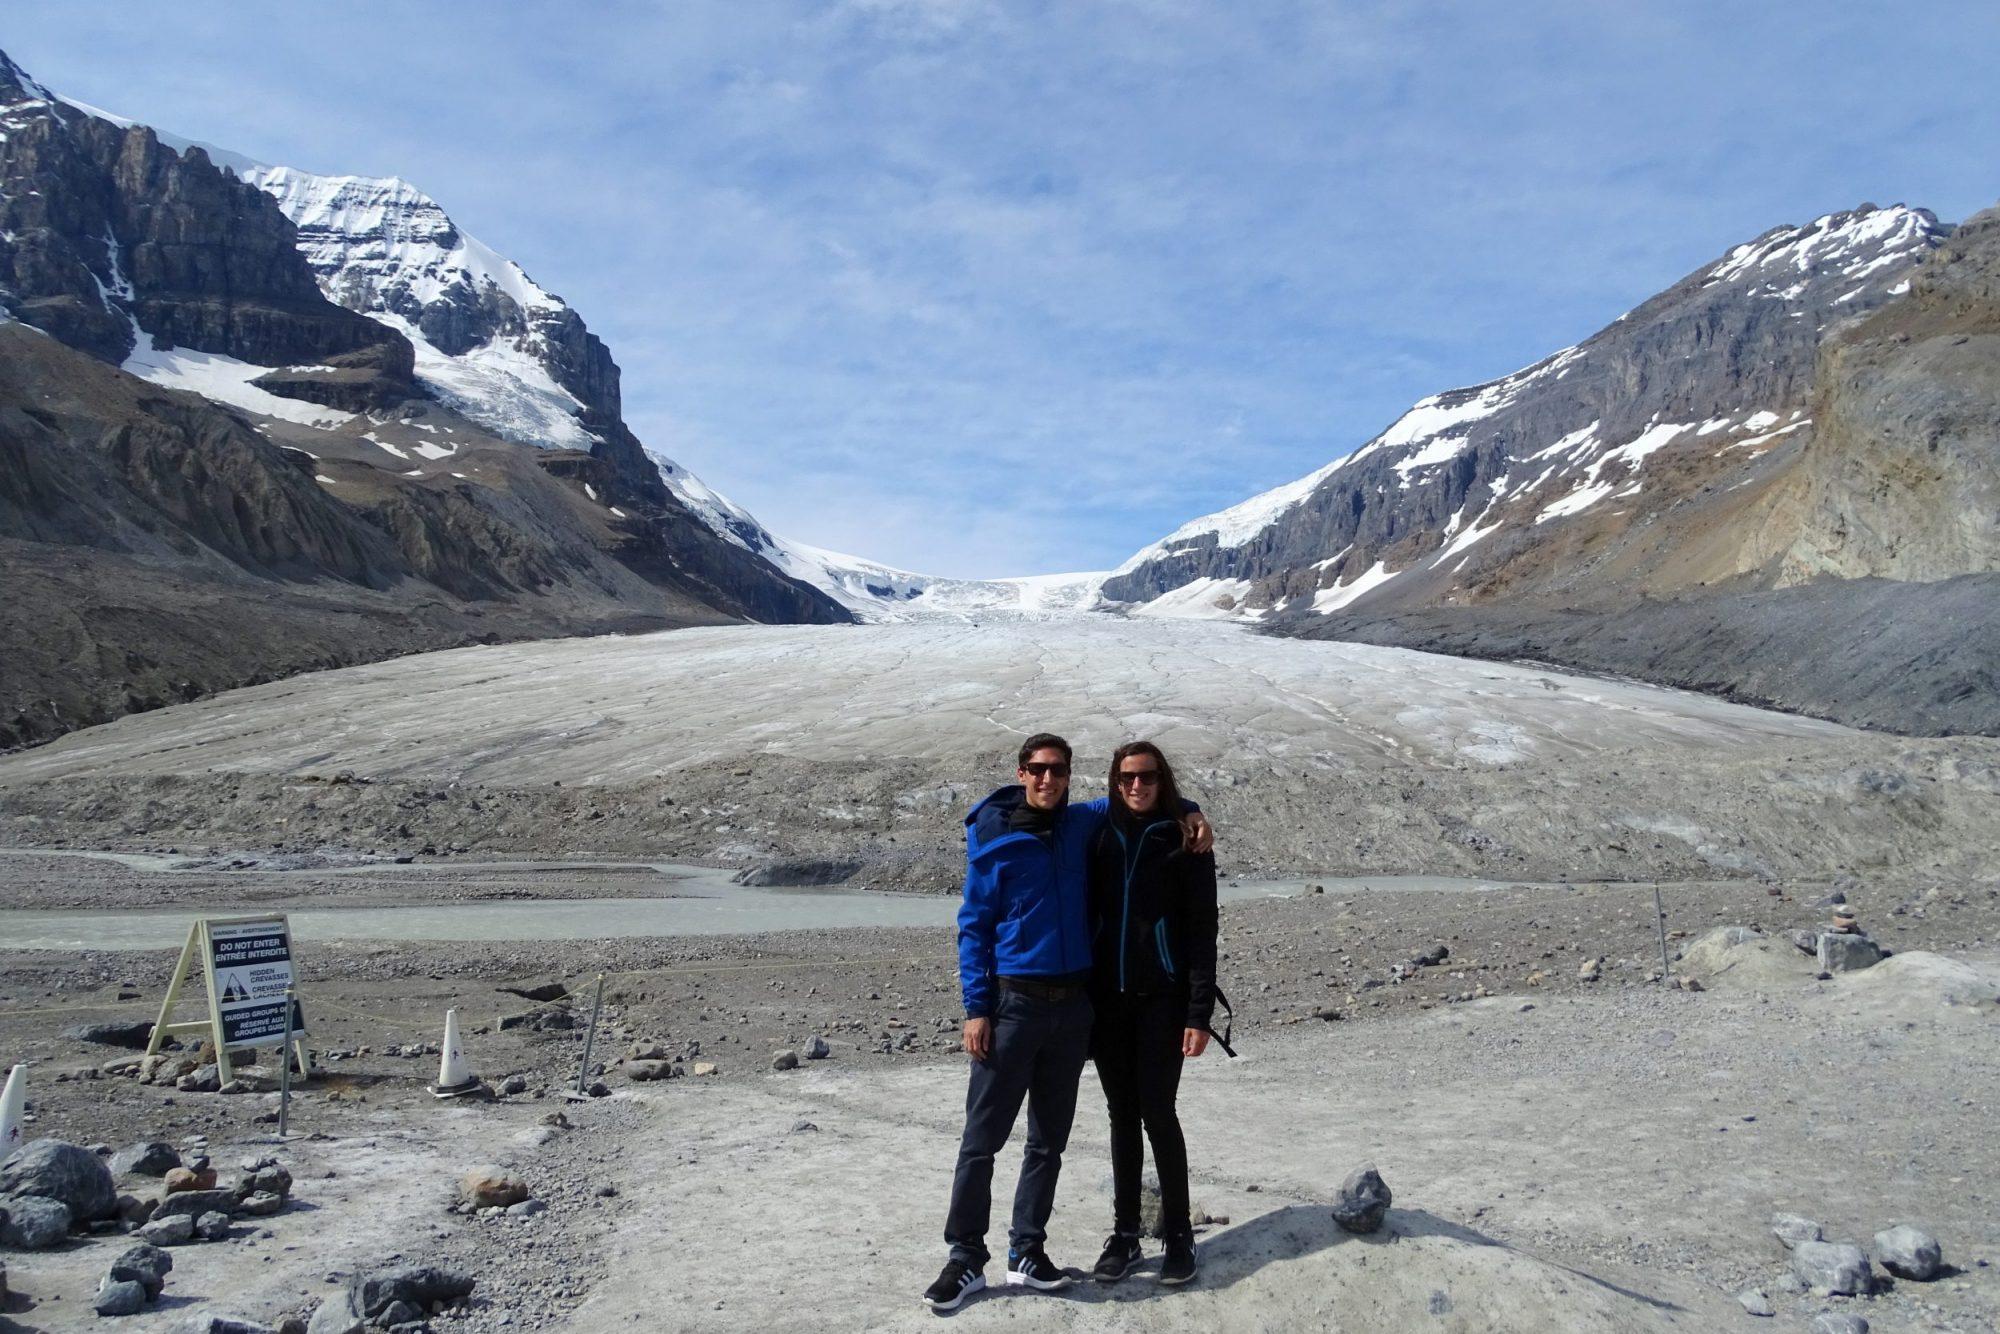 Aan de voet van de Athabasca-gletsjer